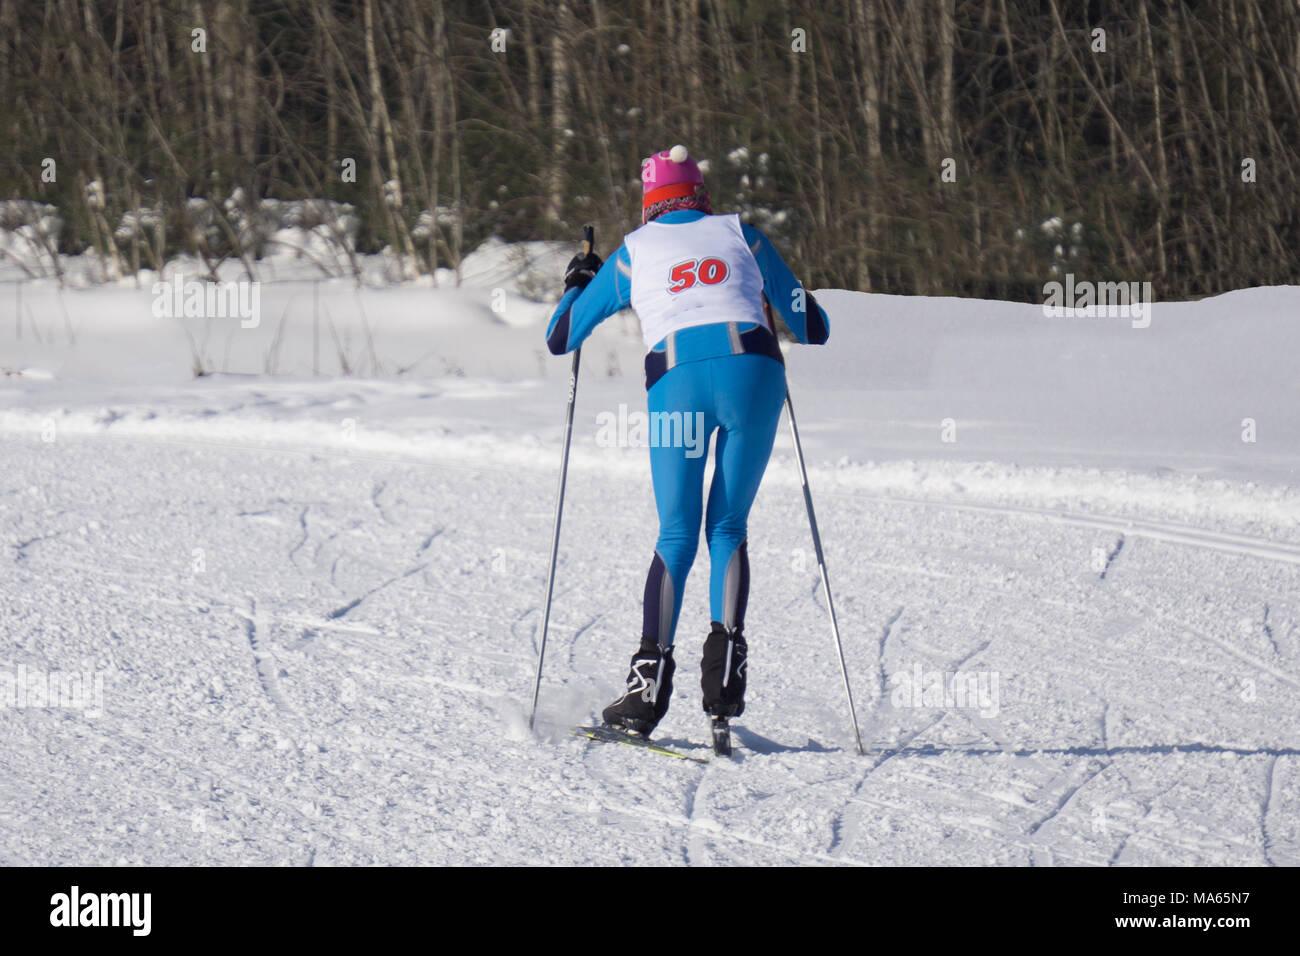 Grandi Concorsi in piste sciistiche, la maratona di sci runner Immagini Stock